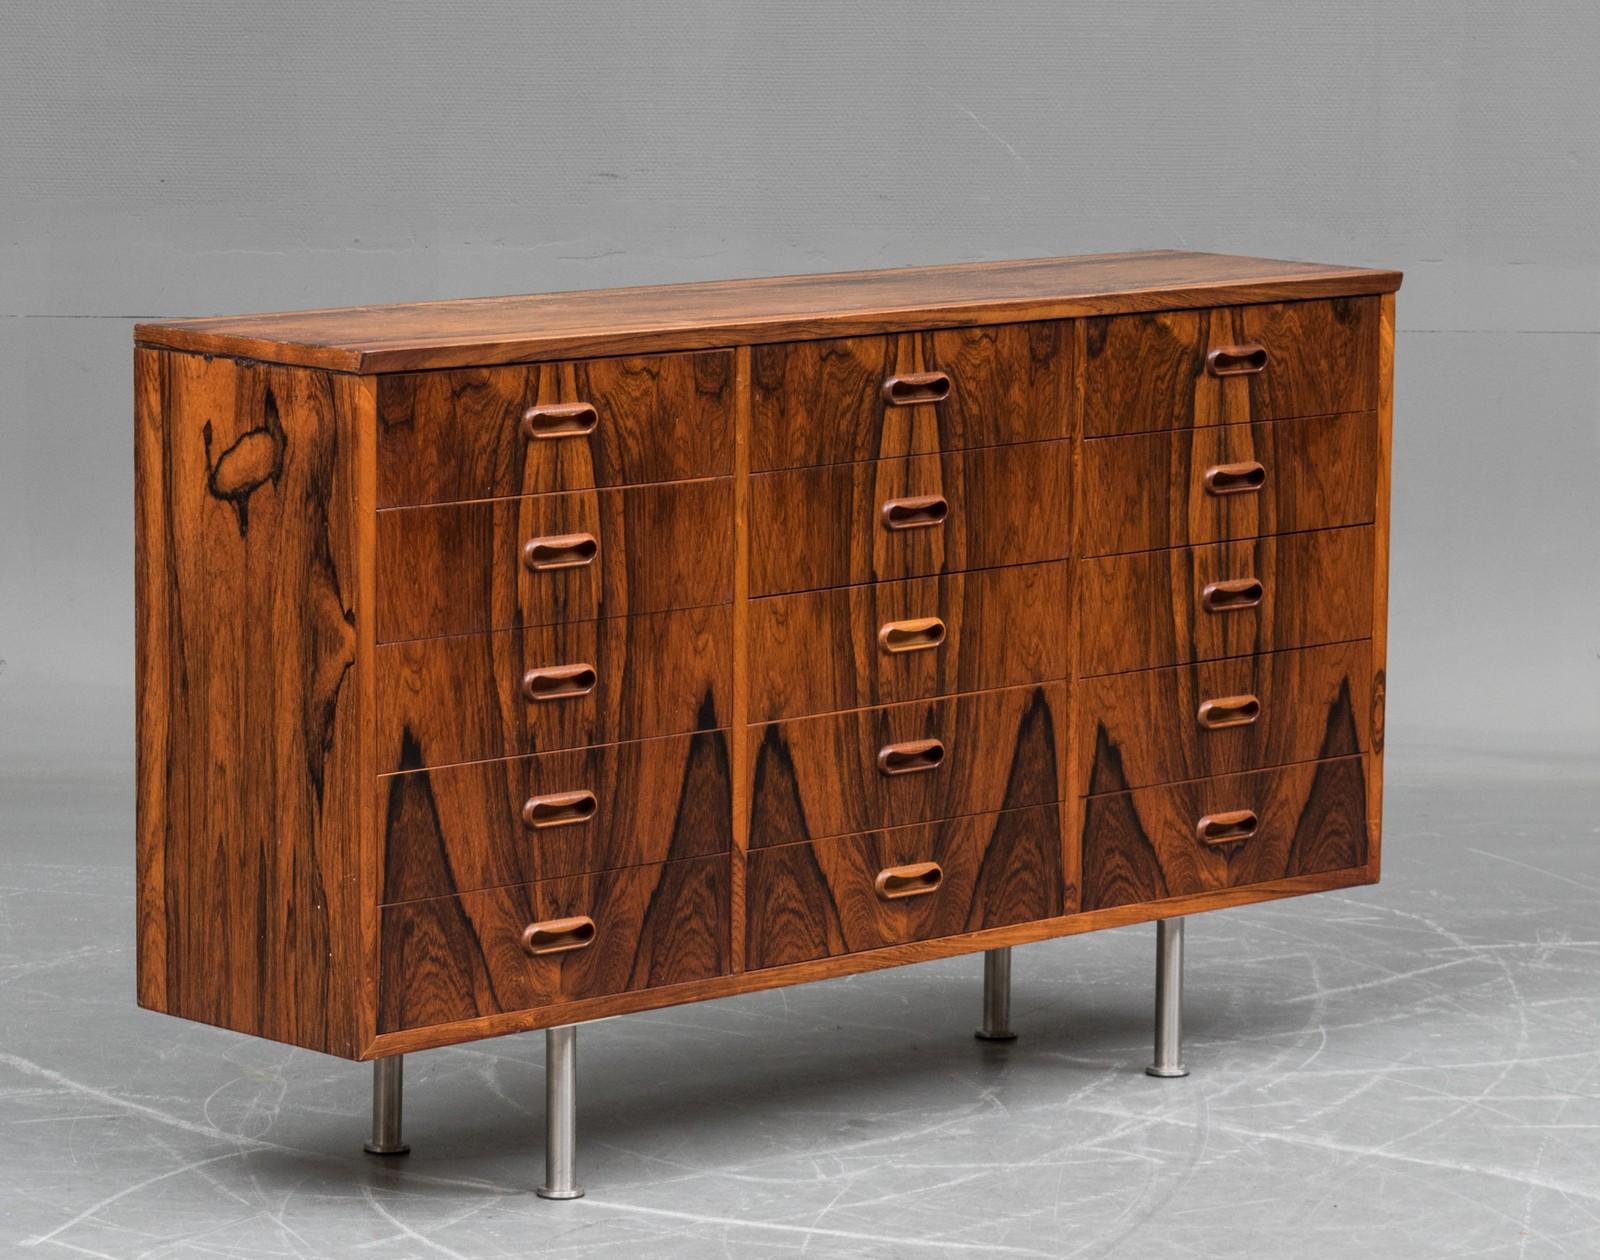 commode scandinave en palissandre 1960 galerie jungmann. Black Bedroom Furniture Sets. Home Design Ideas